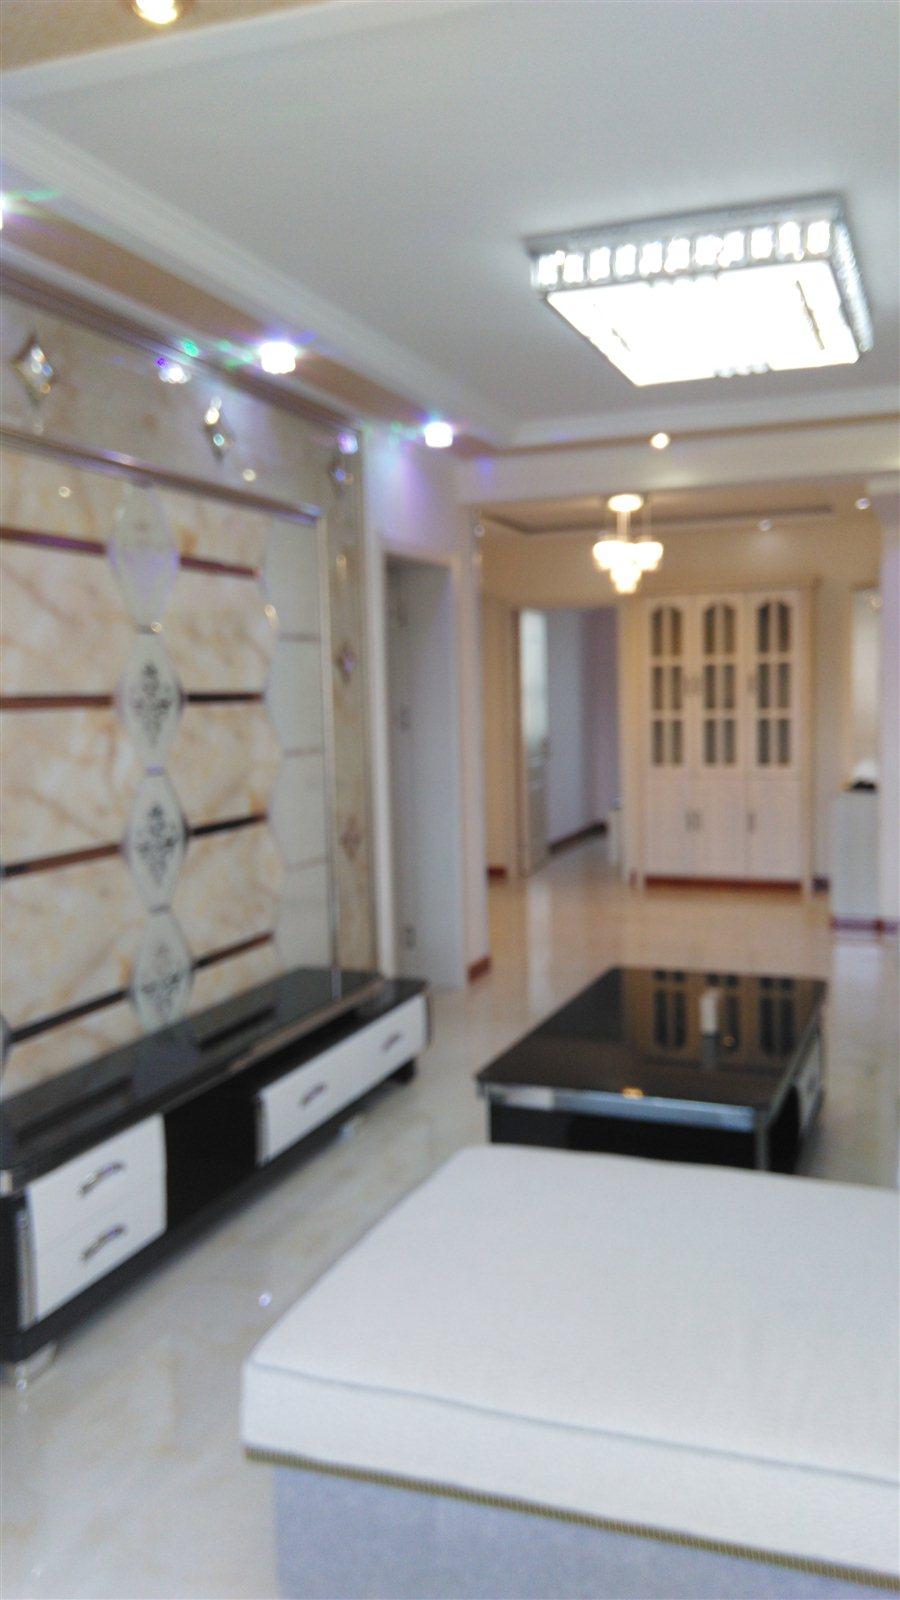 南苑小区(南苑路)3室 2厅 1卫51.8万元